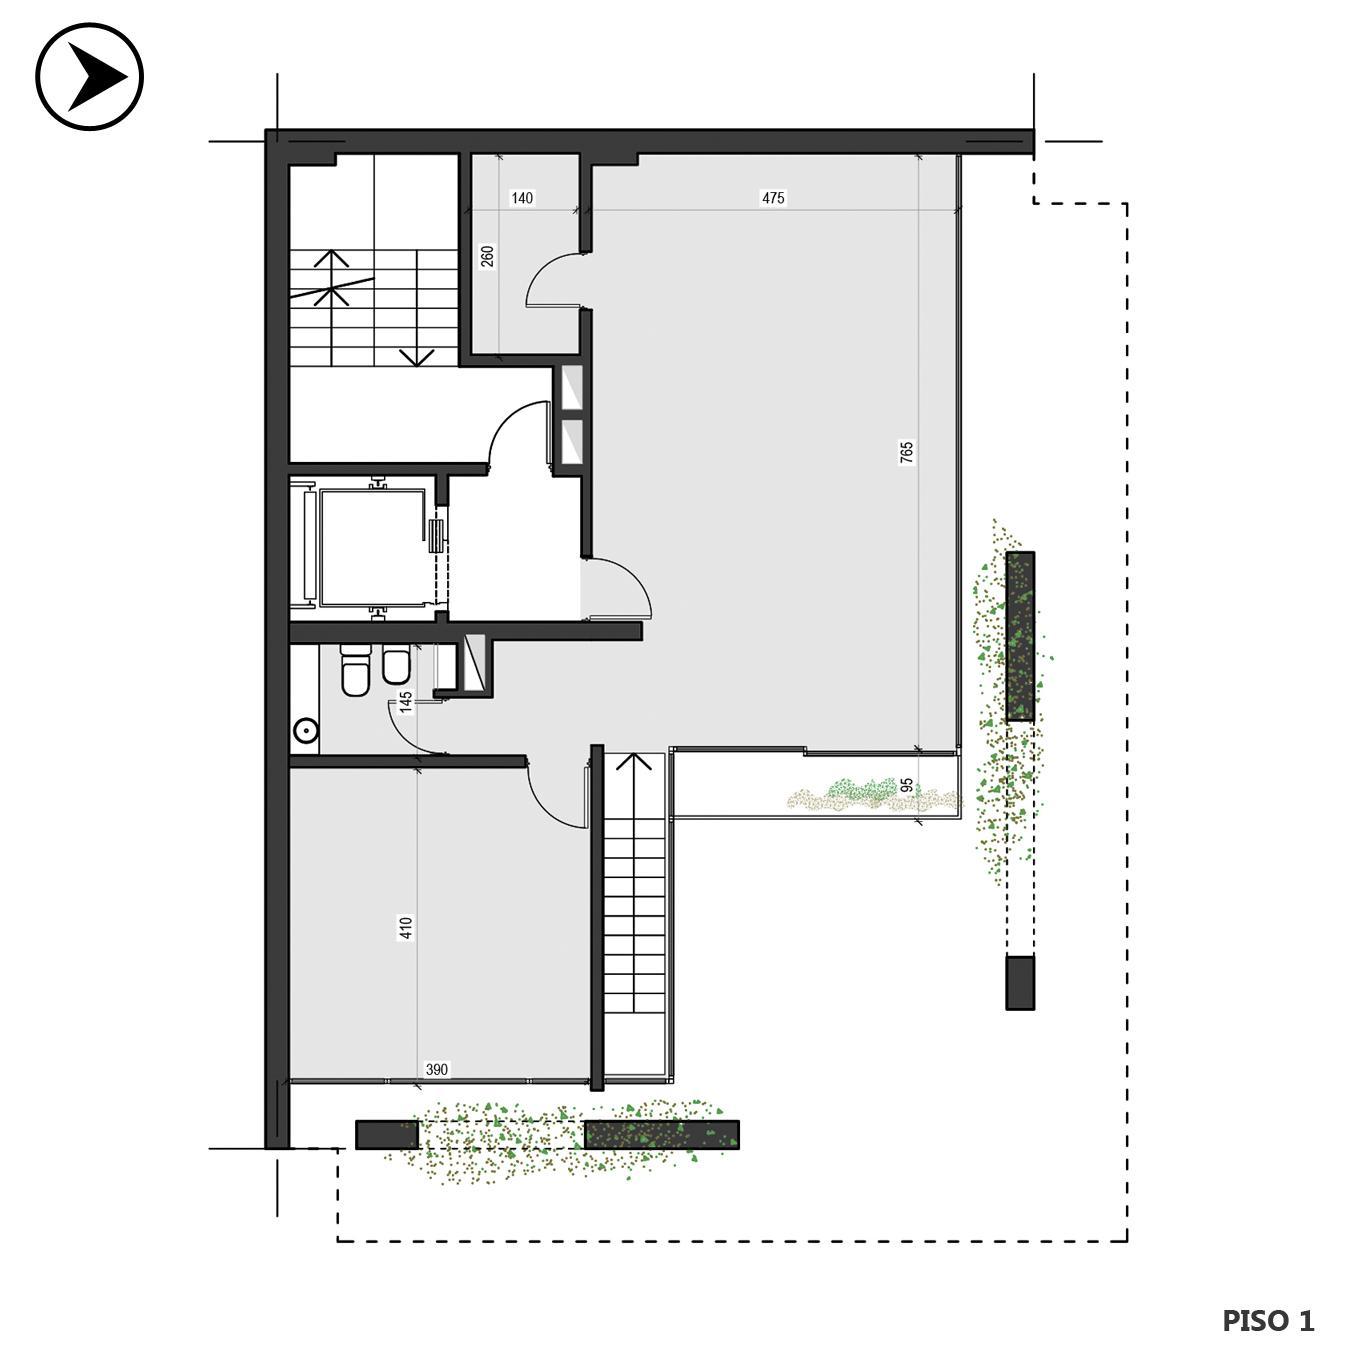 Venta departamento 1 dormitorio Rosario, Centro. Cod CBU24188 AP2257776. Crestale Propiedades